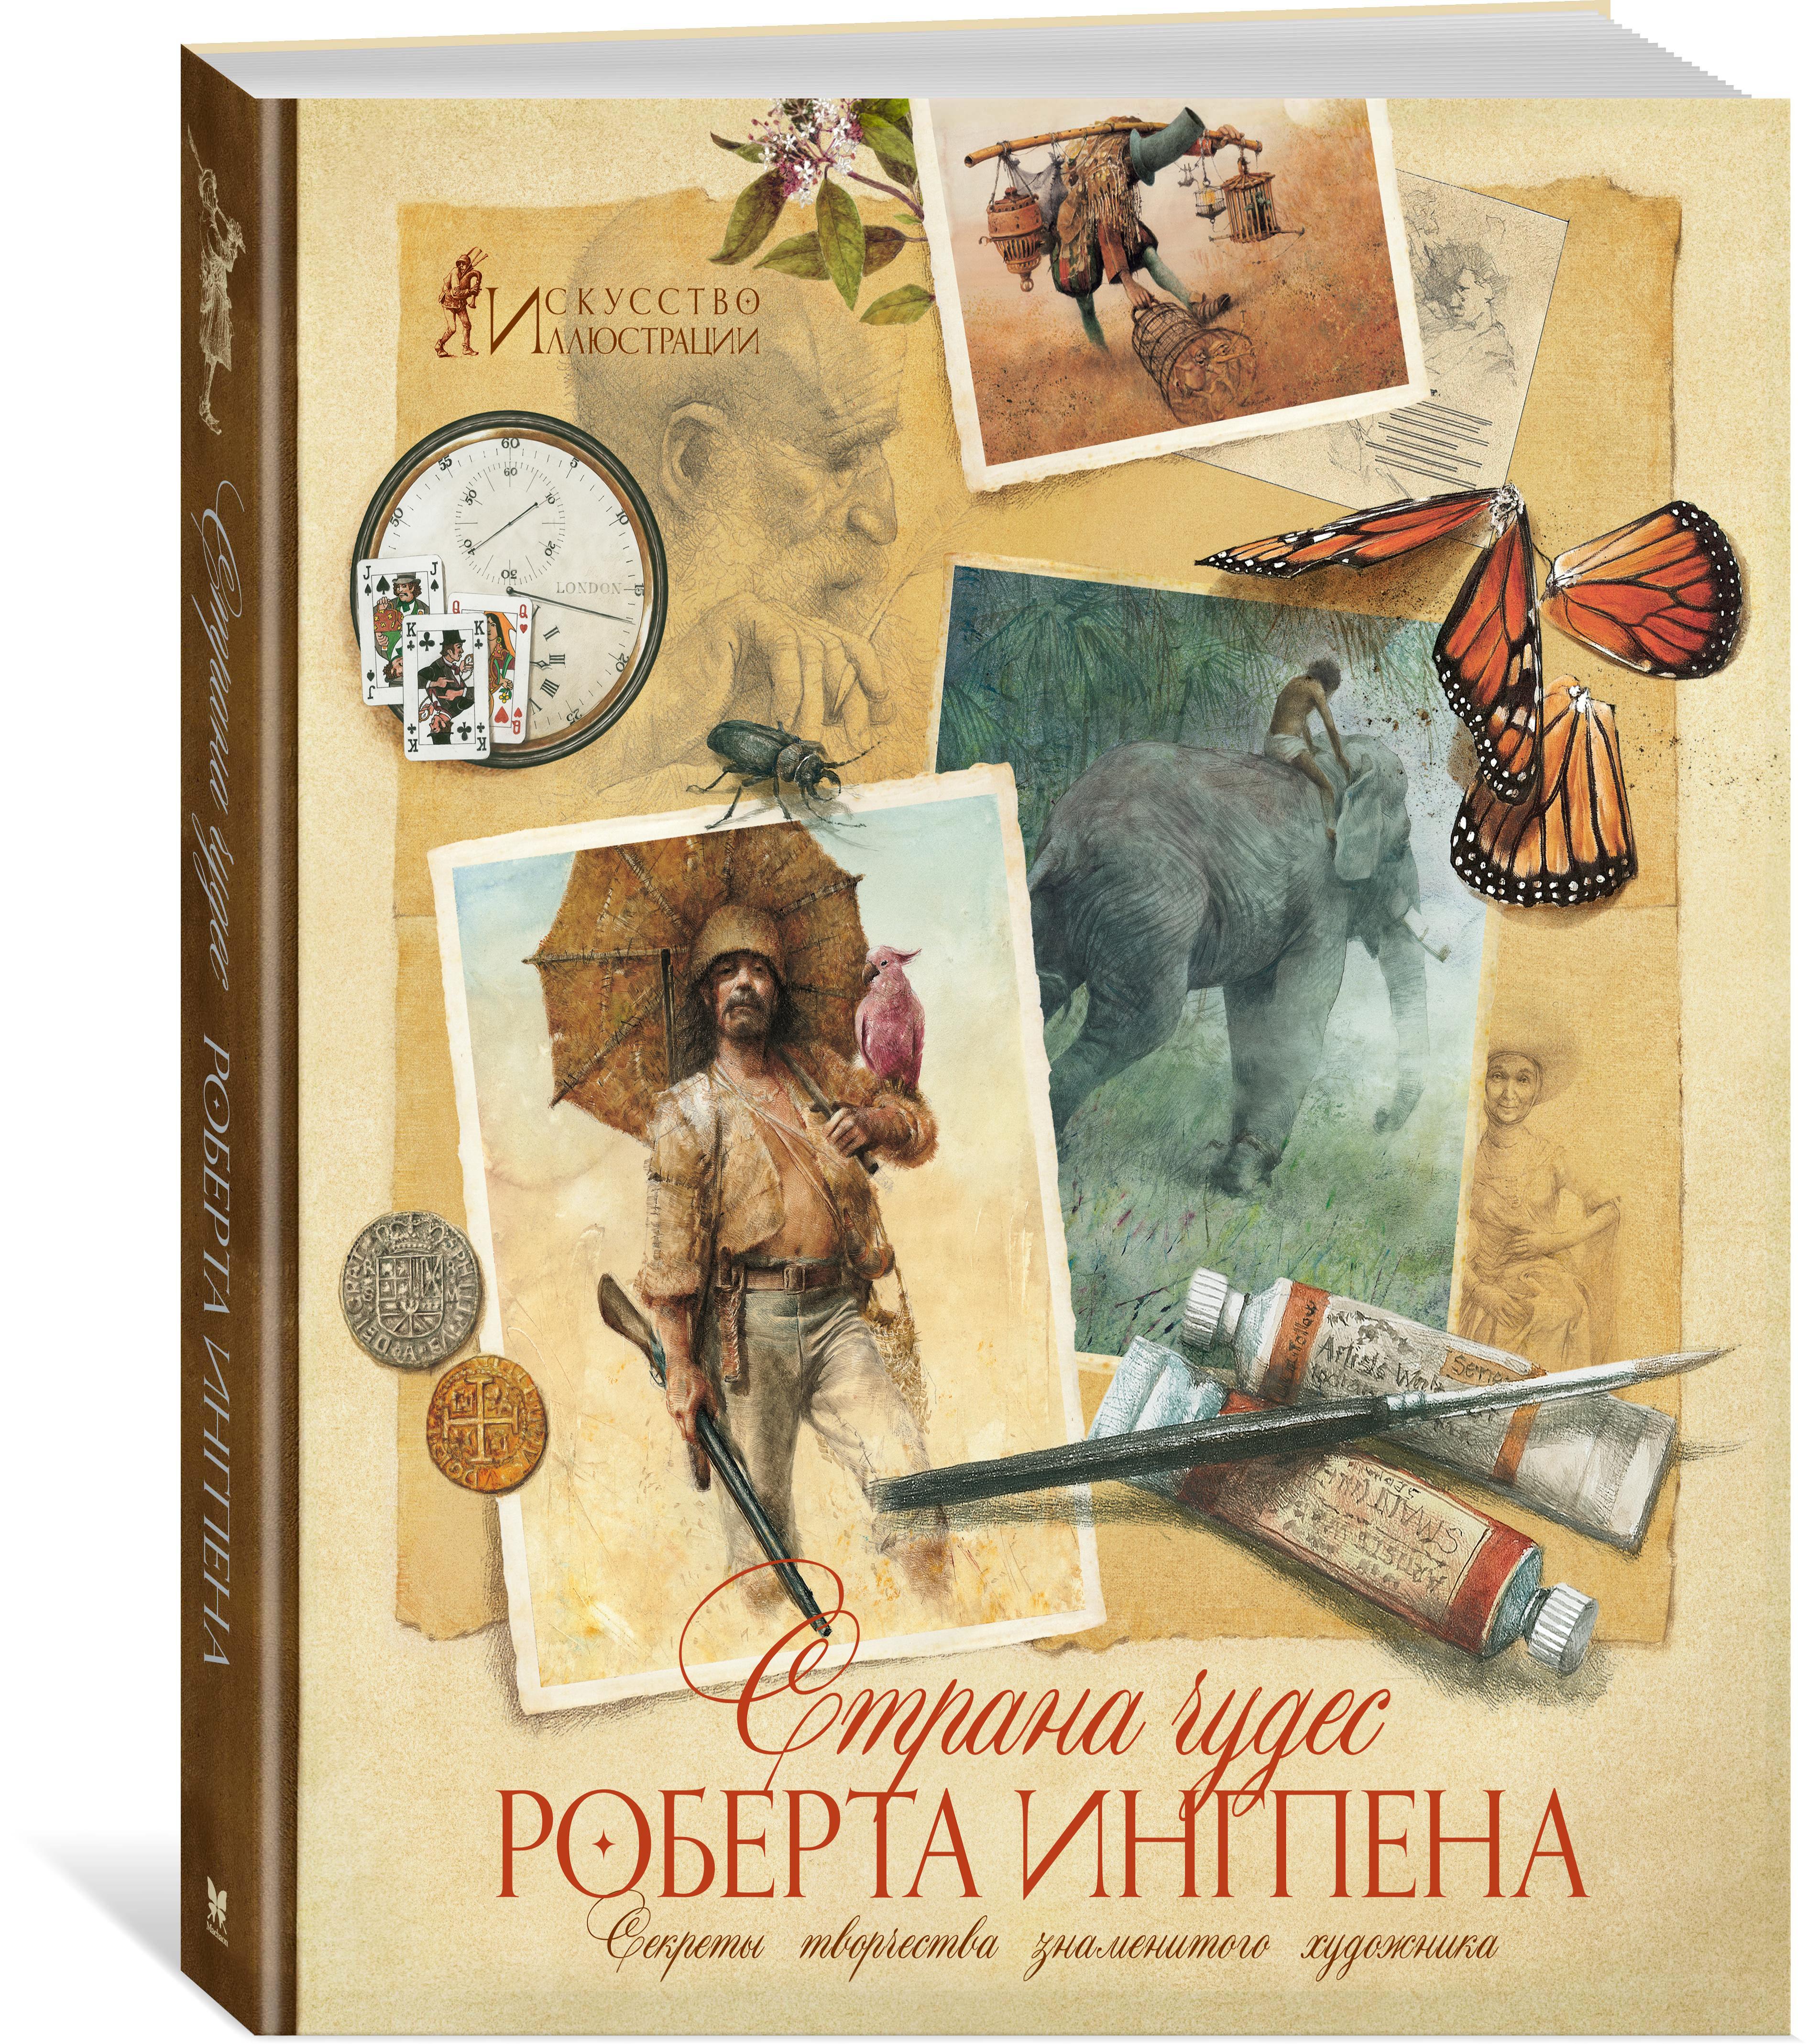 Роберт Ингпен Страна чудес Роберта Ингпена. Секреты творчества знаменитого художника. Искусство иллюстрации